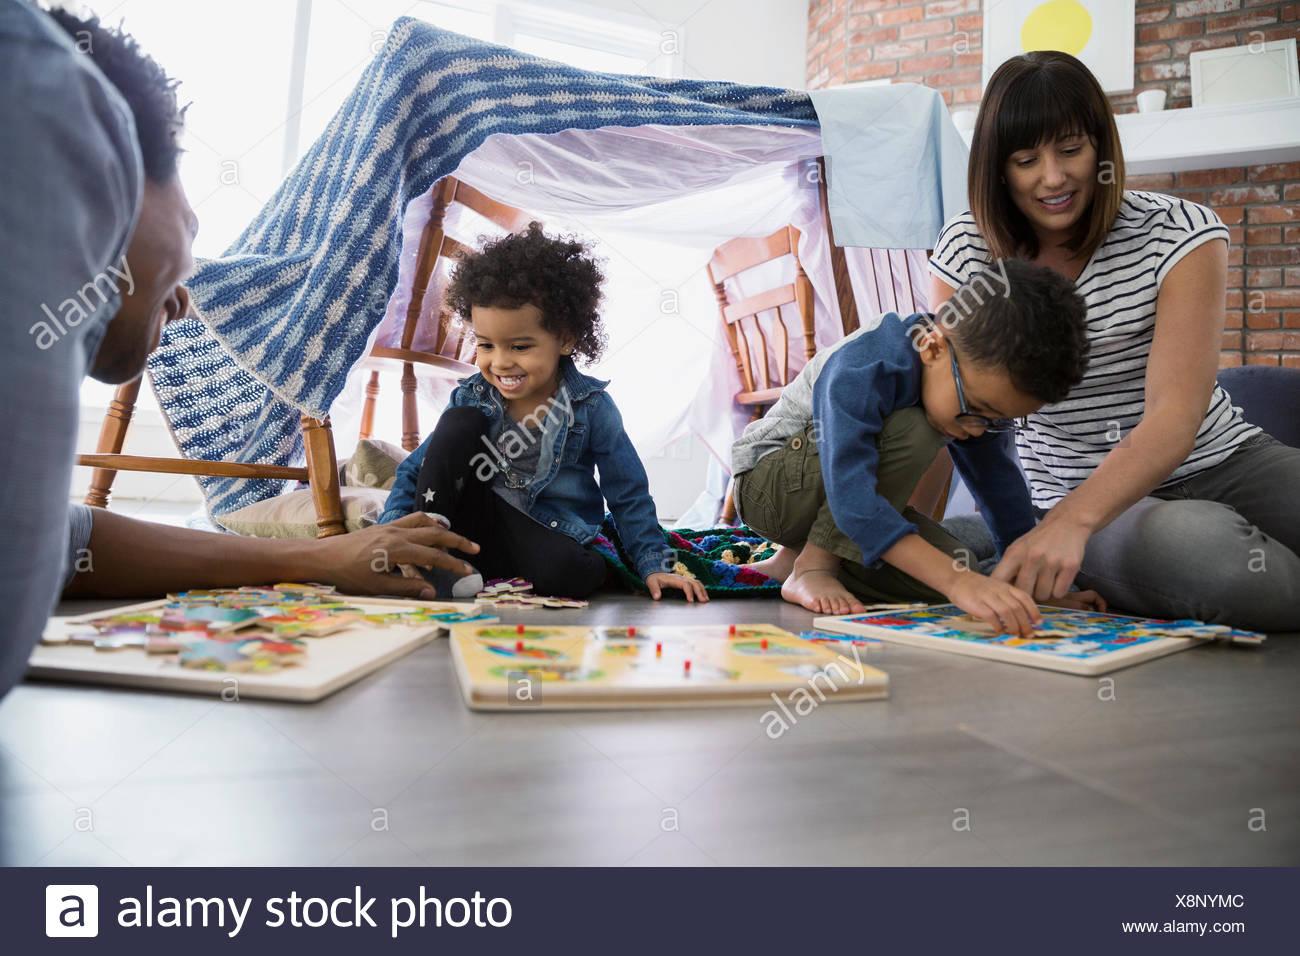 Familia jugando con los rompecabezas en el piso Imagen De Stock